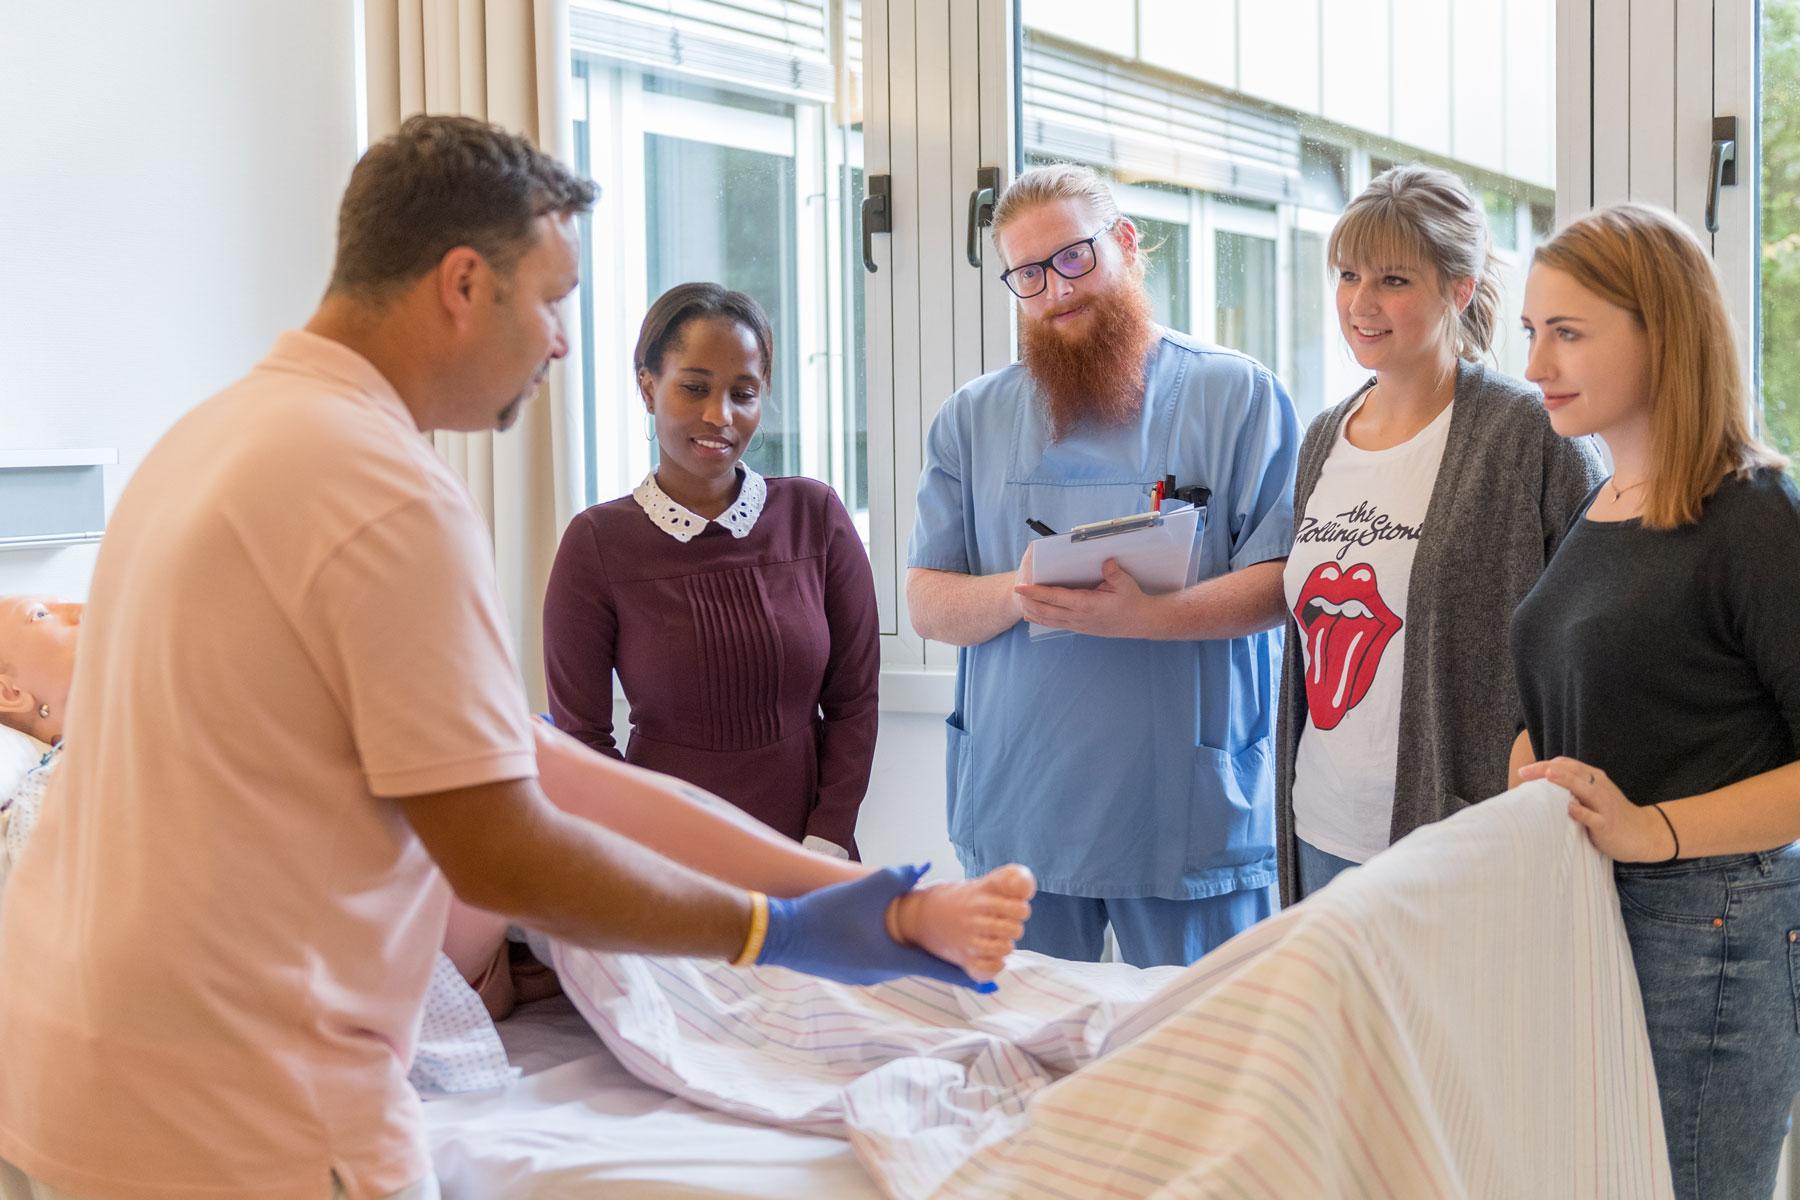 Eine Pflegefachkraft zeigt an einer Puppe wie man einen Patienten im Bett richtig umlagert.